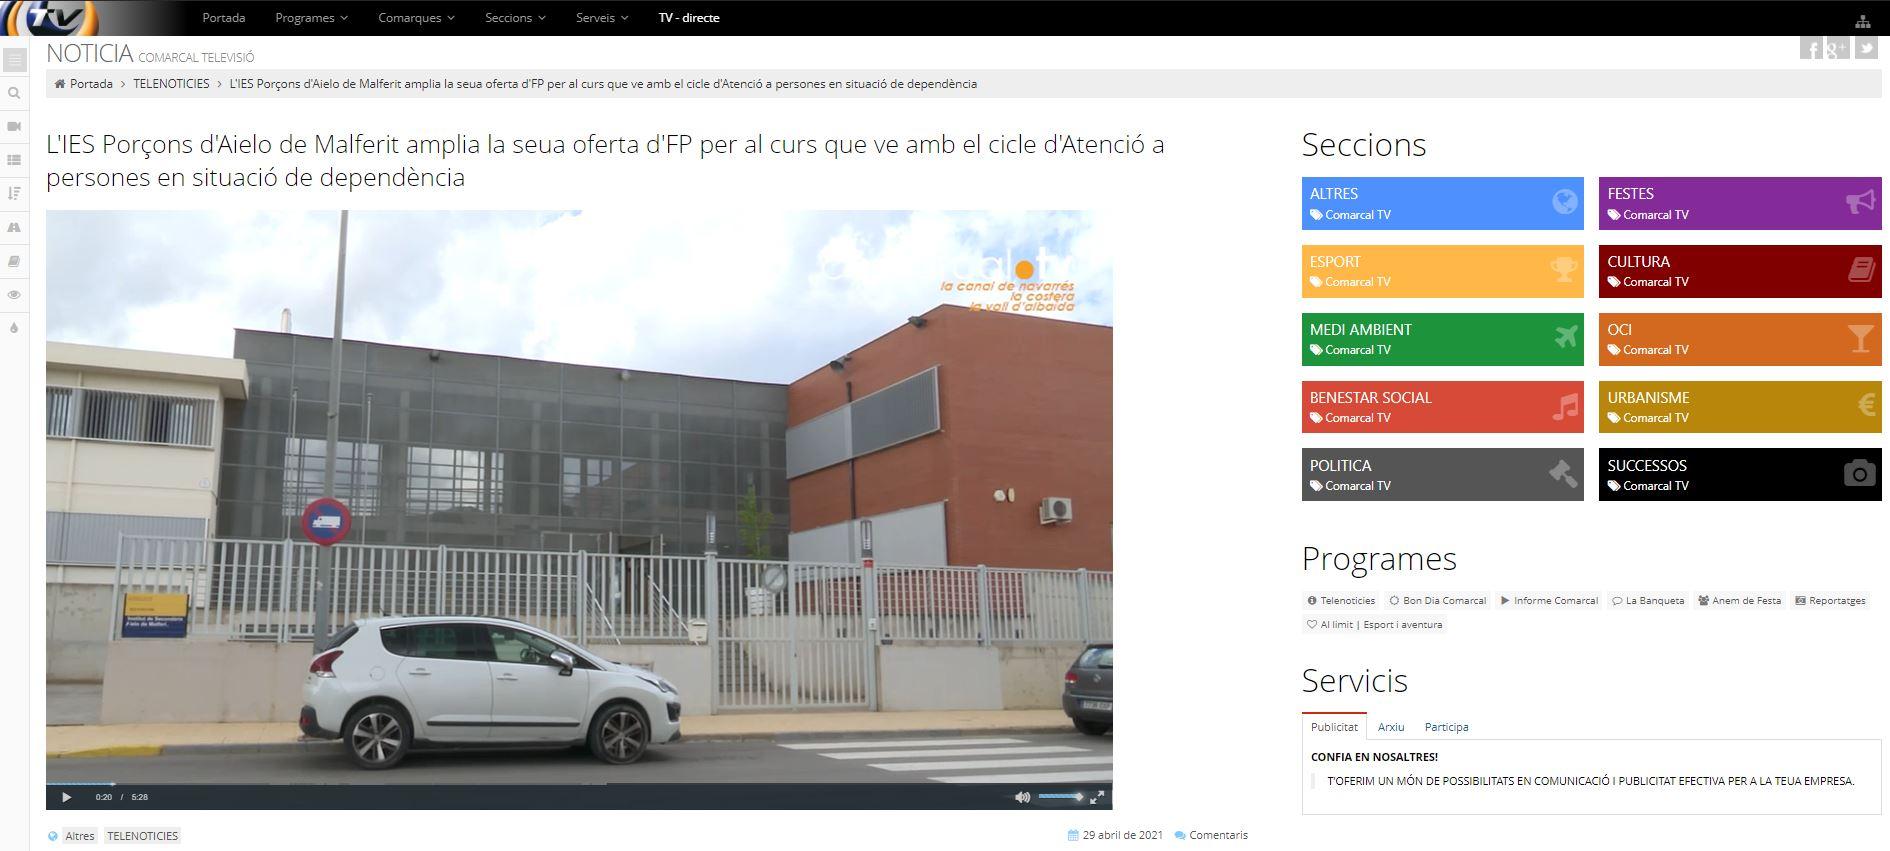 COMARCAL TV: L'IES Porçons d'Aielo de Malferit amplia la seua oferta d'FP per al curs que ve amb el cicle d'Atenció a persones en situació de dependència